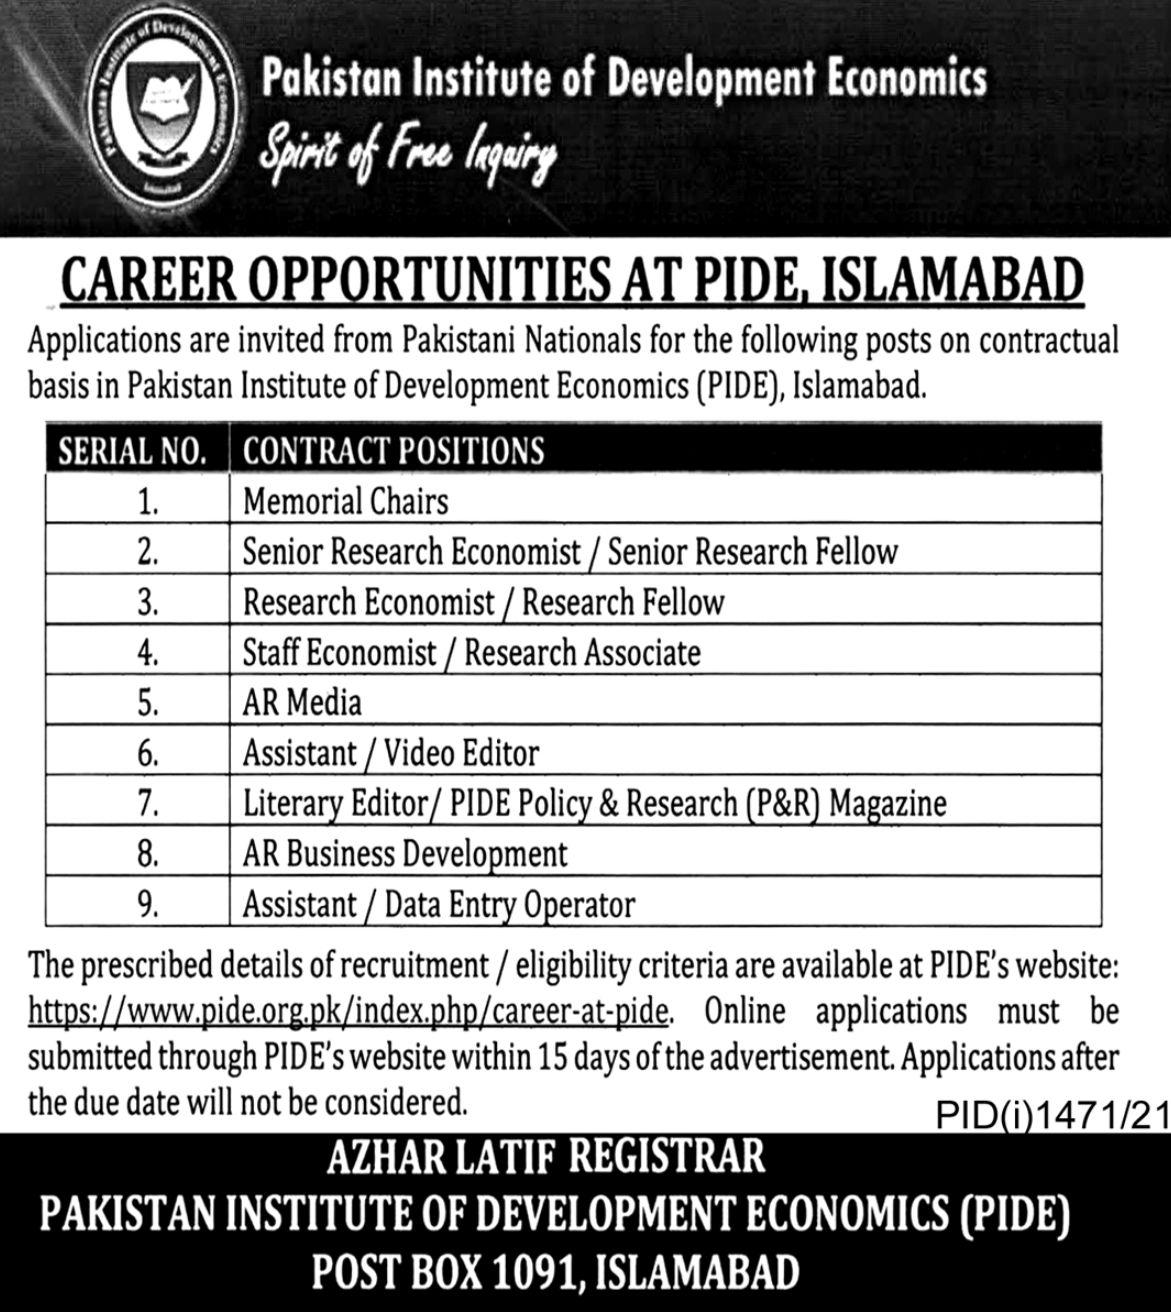 Pakistan Institute of Development Economics PIDE vacancies 2021 3